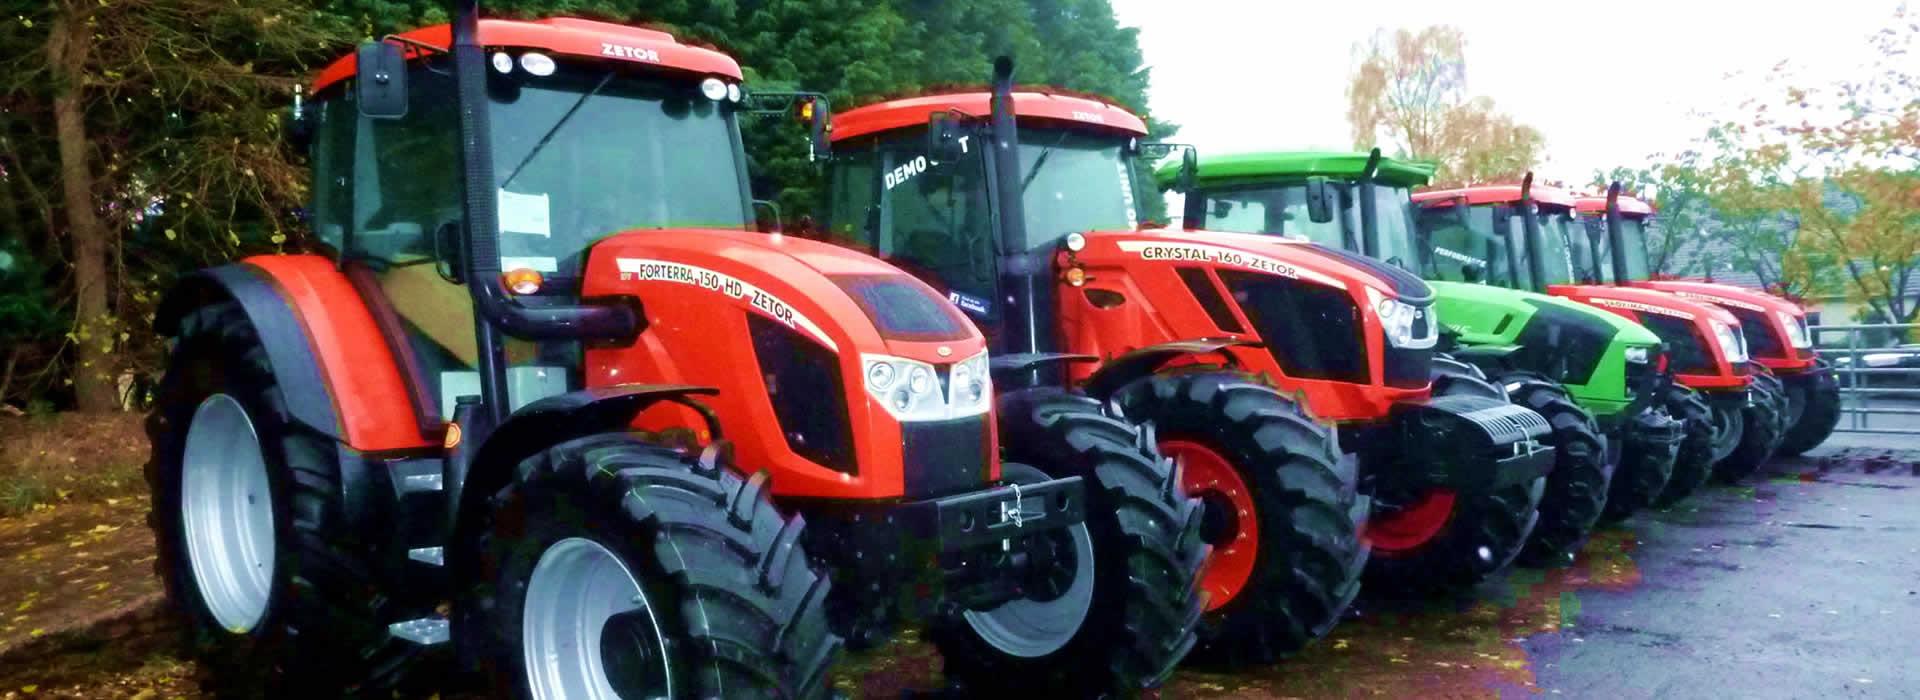 Tractor Sales & Equipment